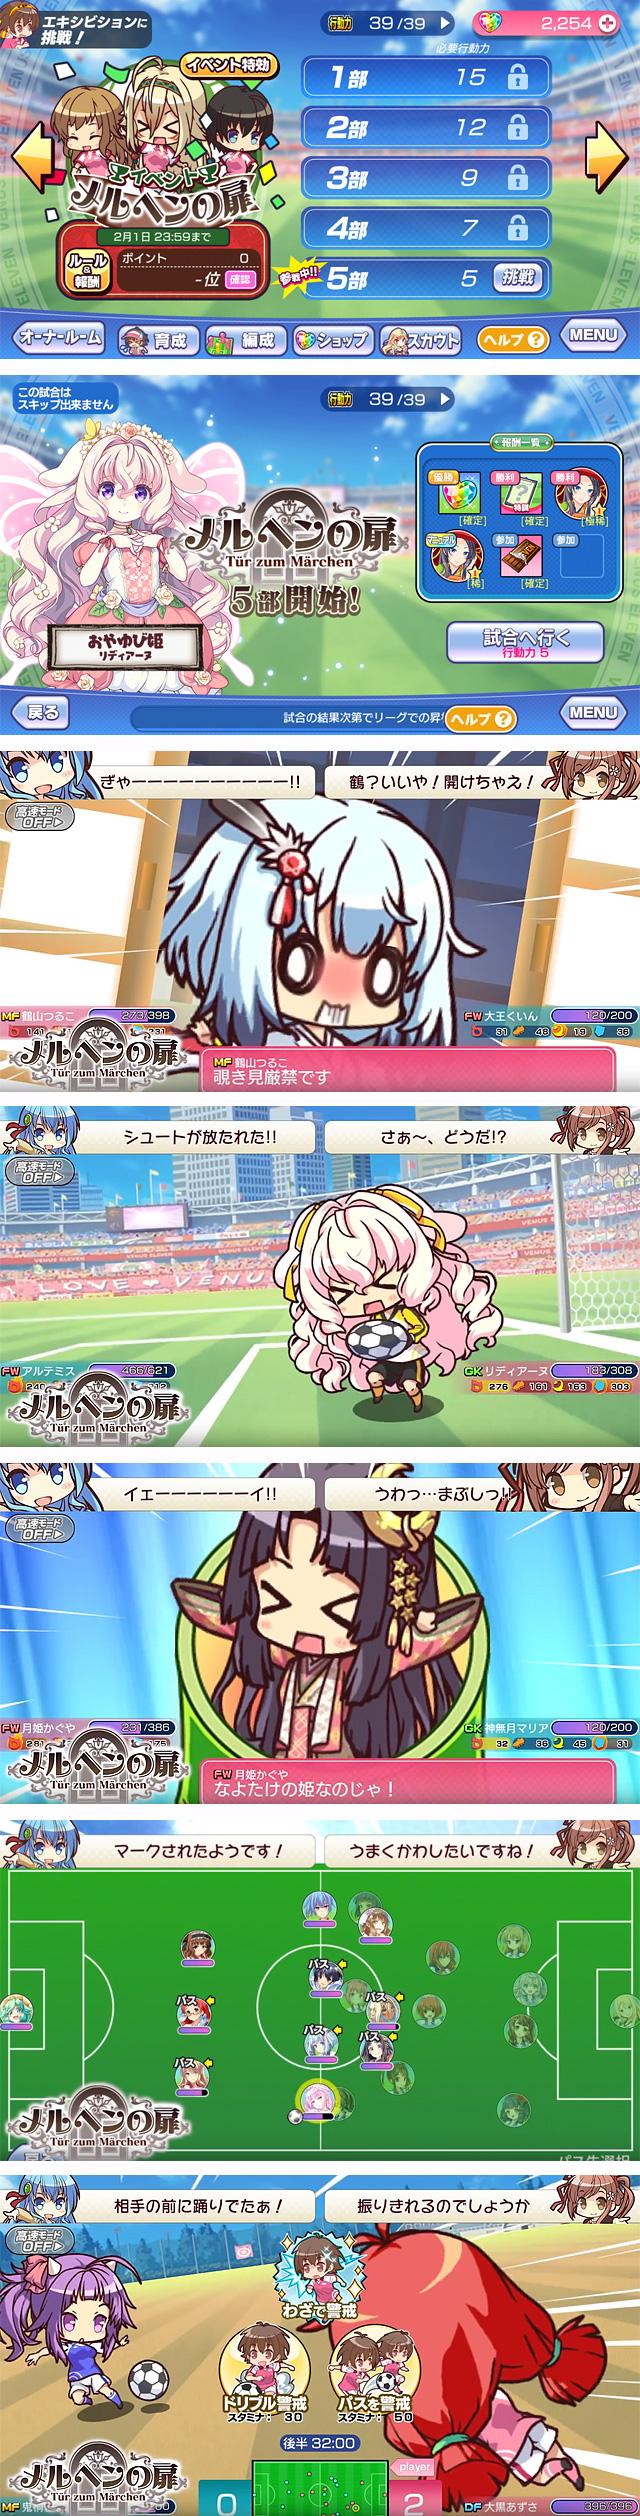 ビーナスイレブンびびっど!iPhone、Android用アプリ 美少女育成サッカーSLG